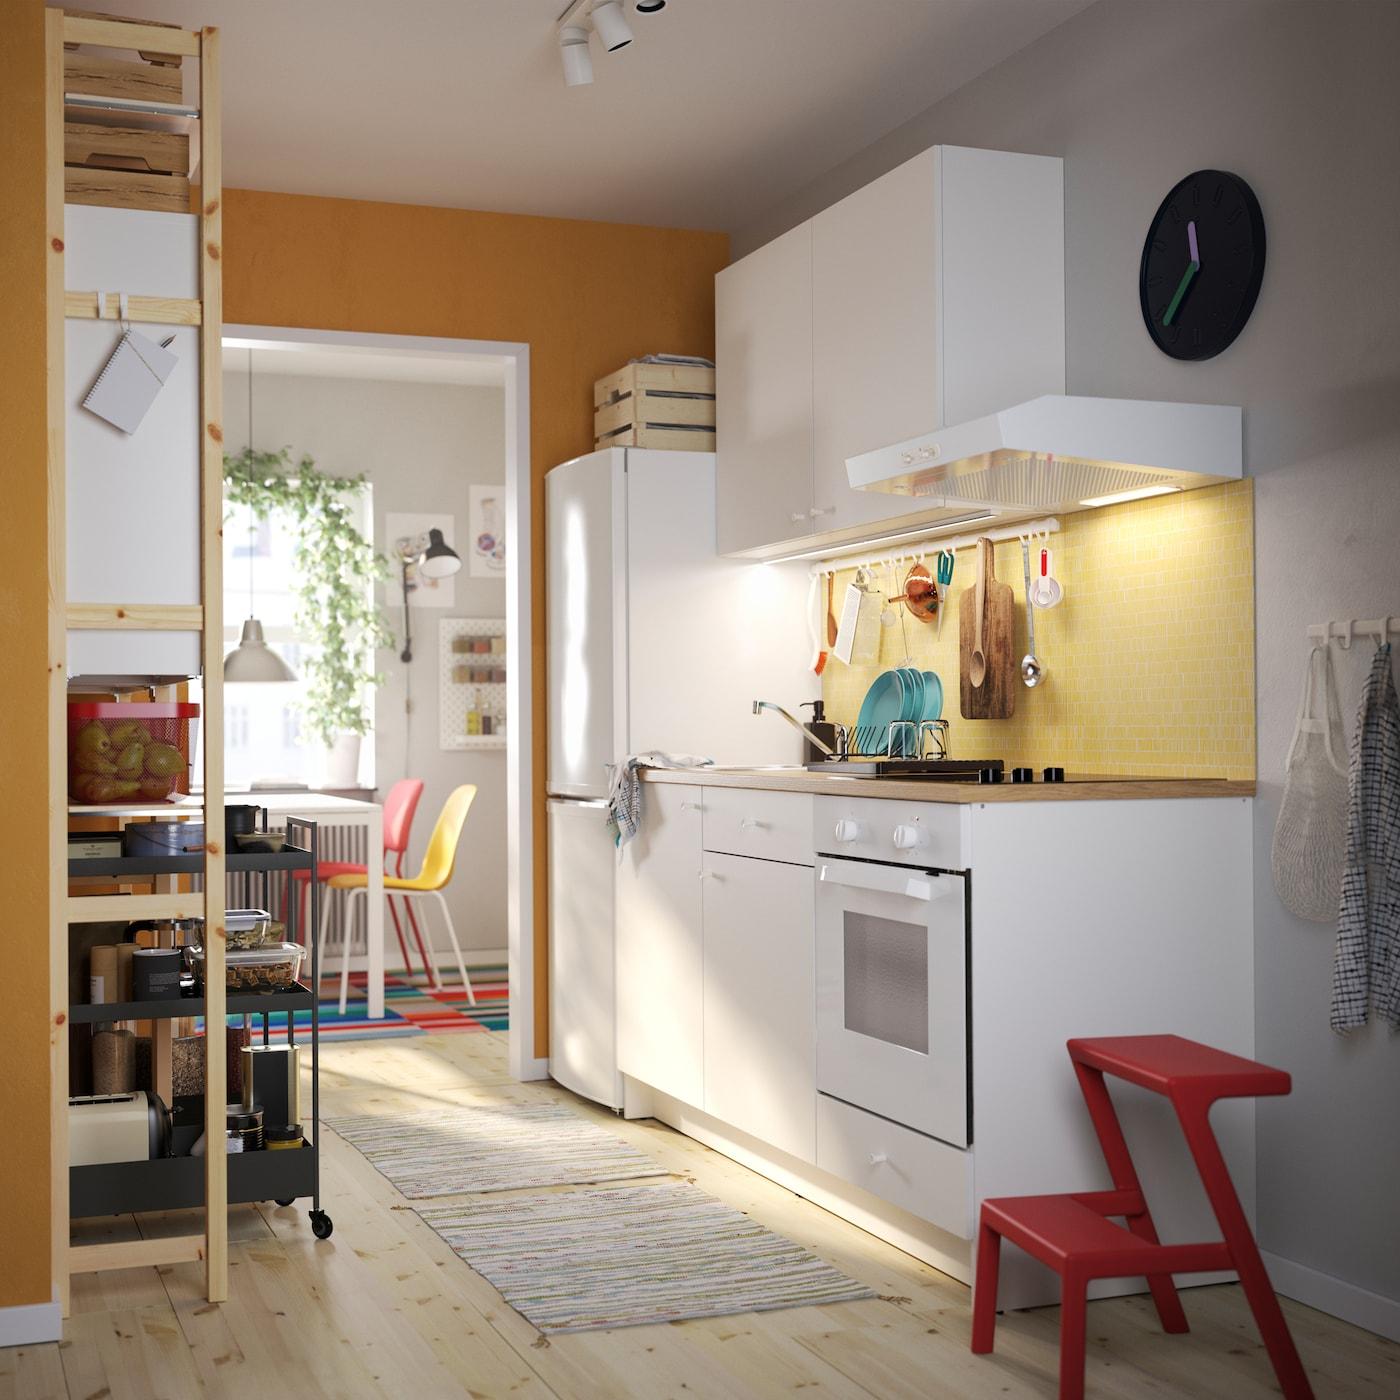 مطبخ KNOXHULT باللون الأبيض، سلّم متدرّج باللون الأحمر، وحدة رفوف من خشب الصنوبر، عربات سوداء وكراسي مطبخ بألوان زاهية.